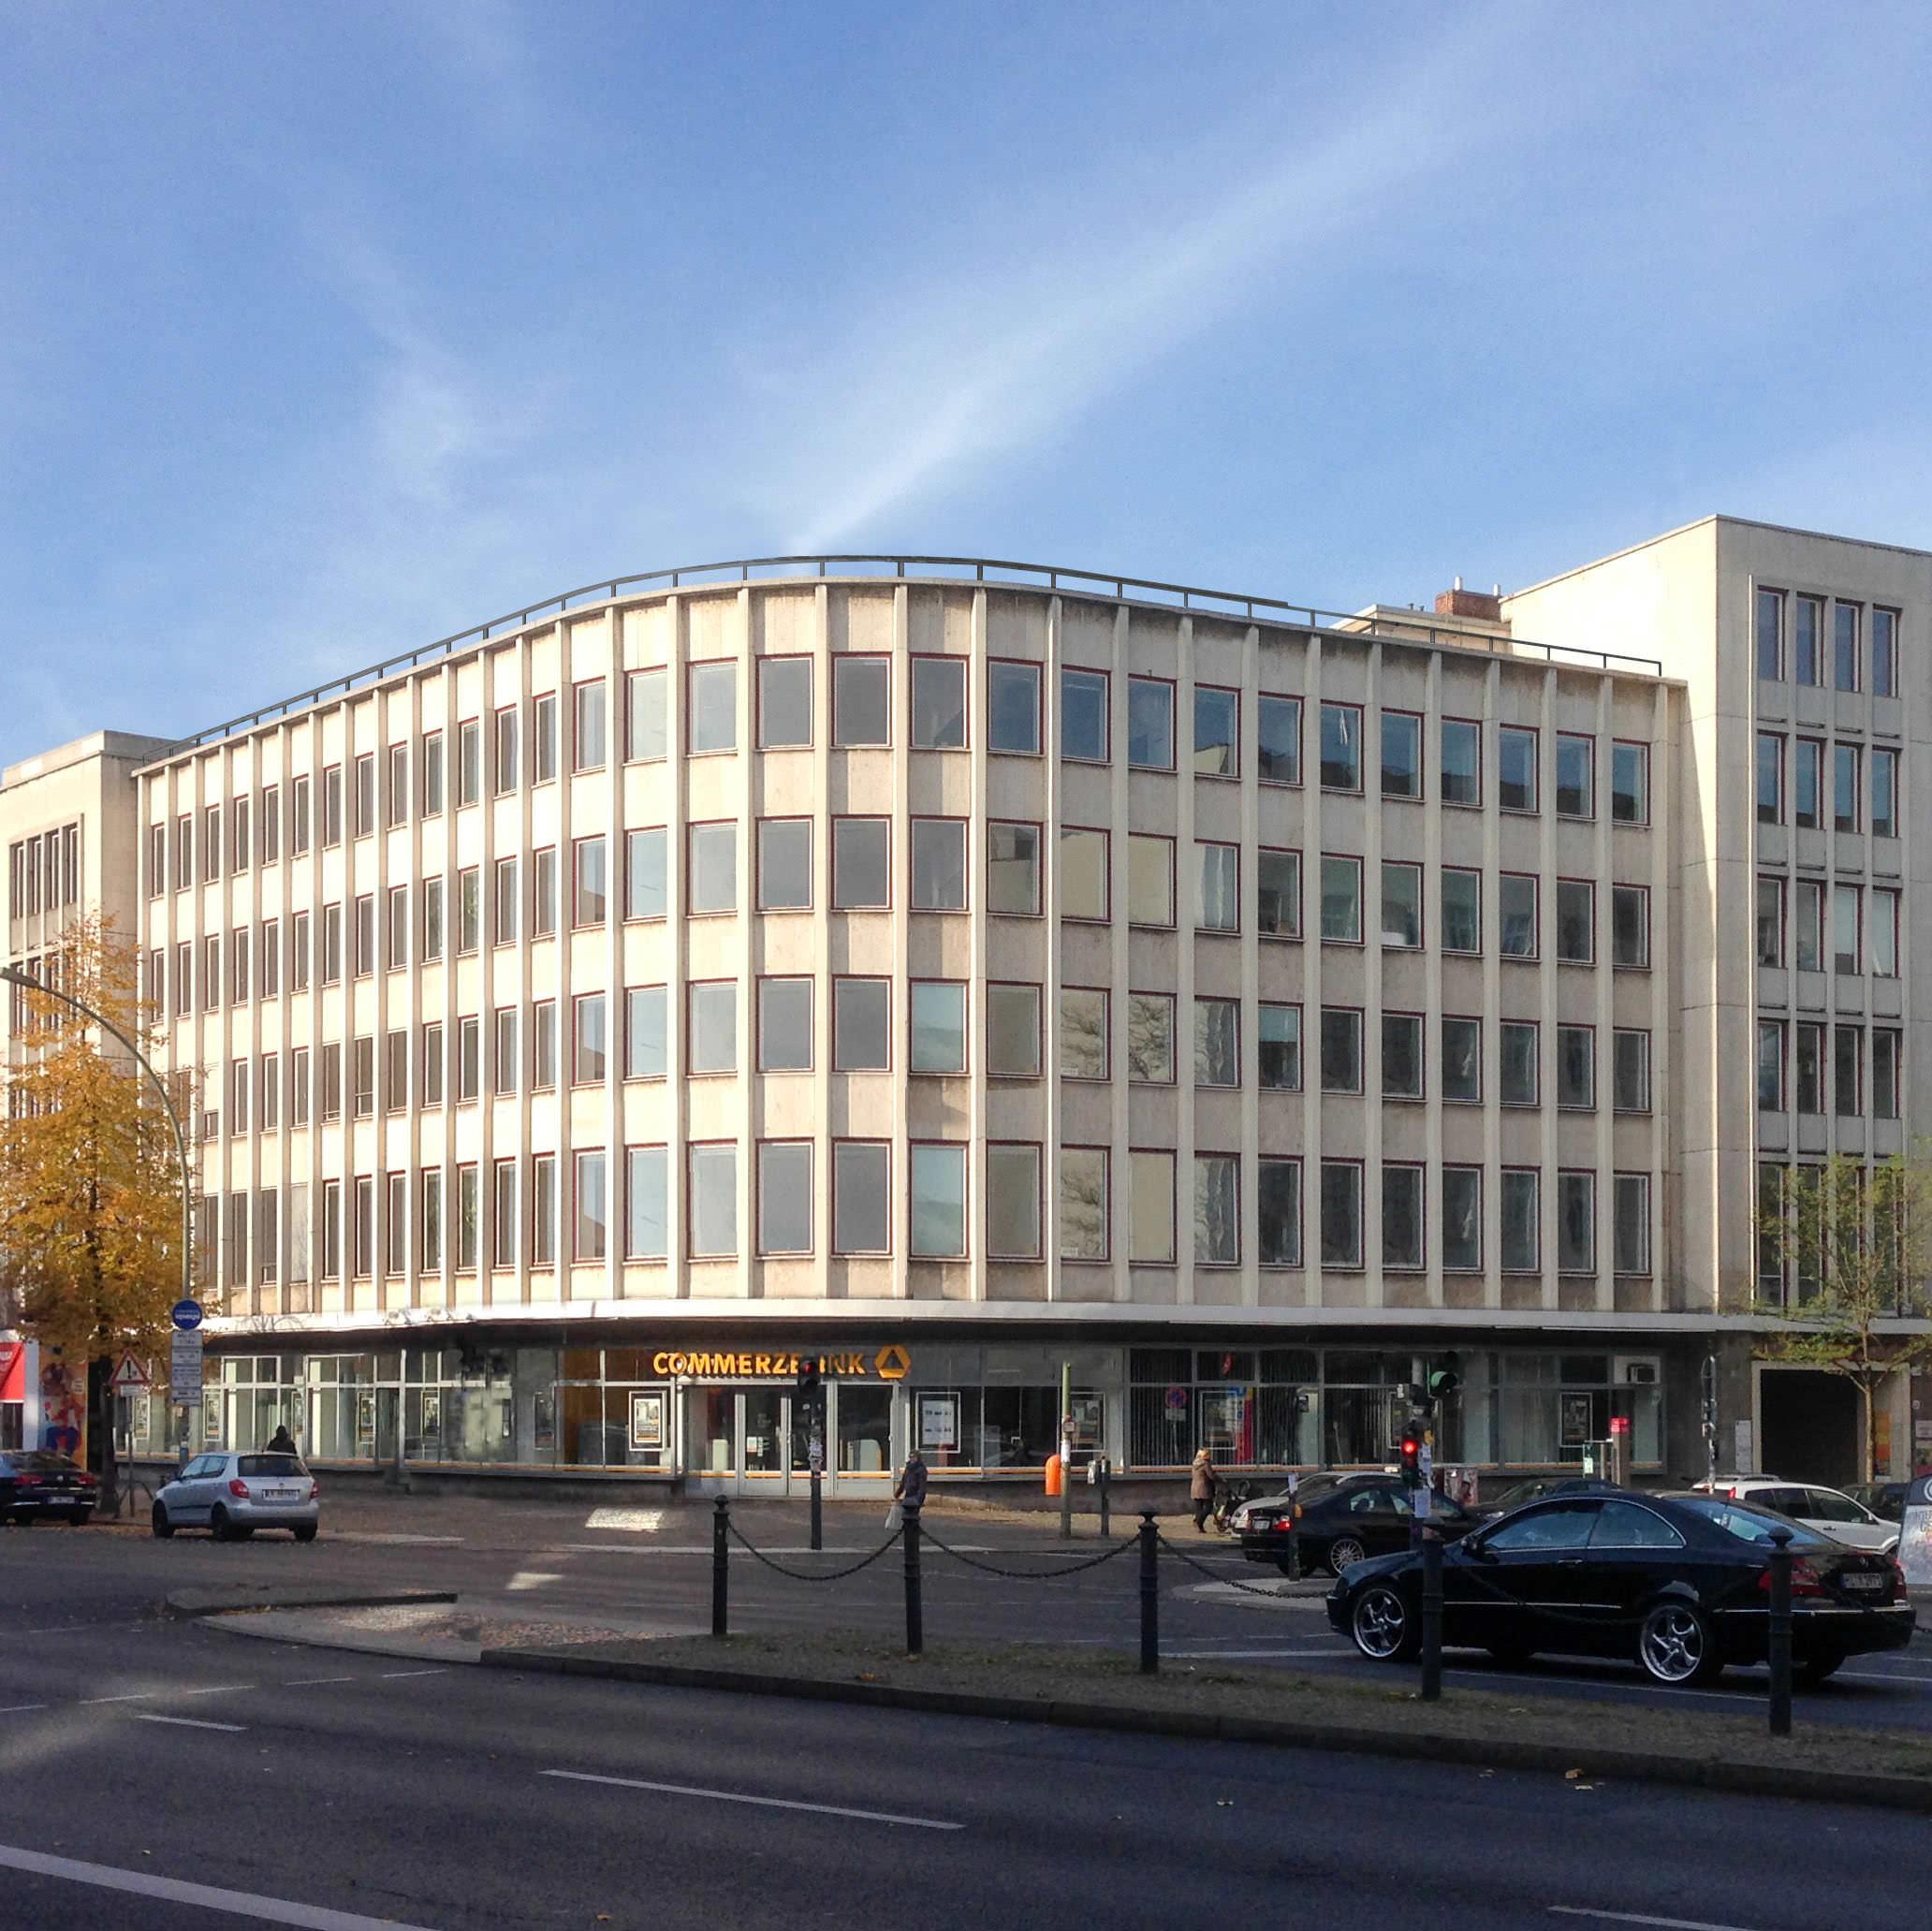 Akazie Berlin